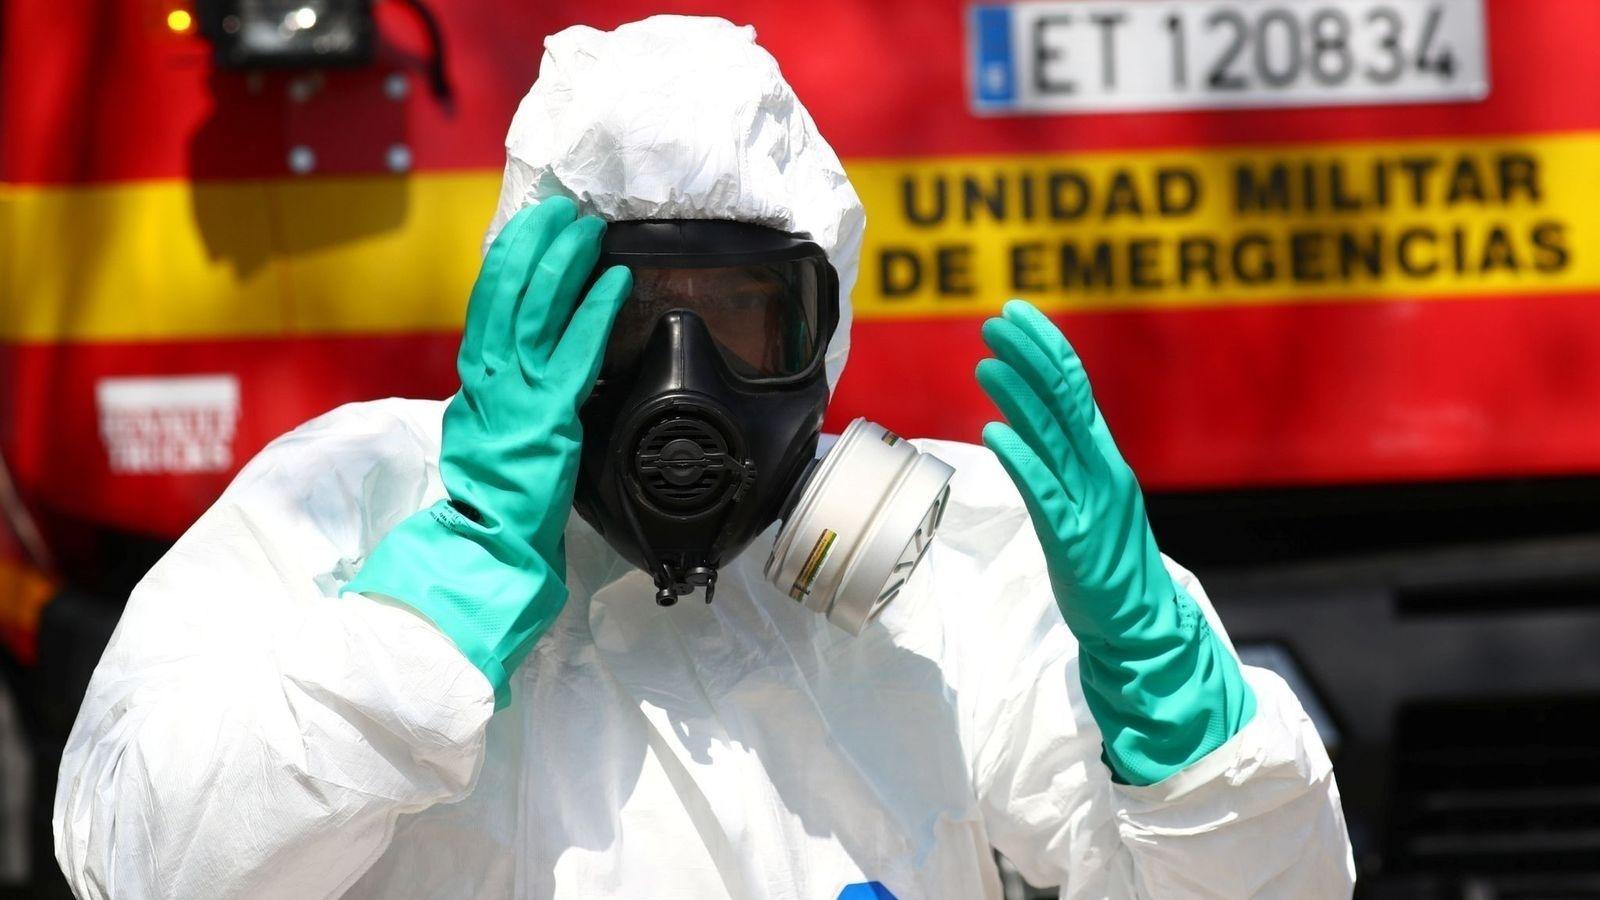 Испани улс коронавирусийн өвчнөөр нас барсан хүнийхээ тоогоор Хятадыг гүйцлээ